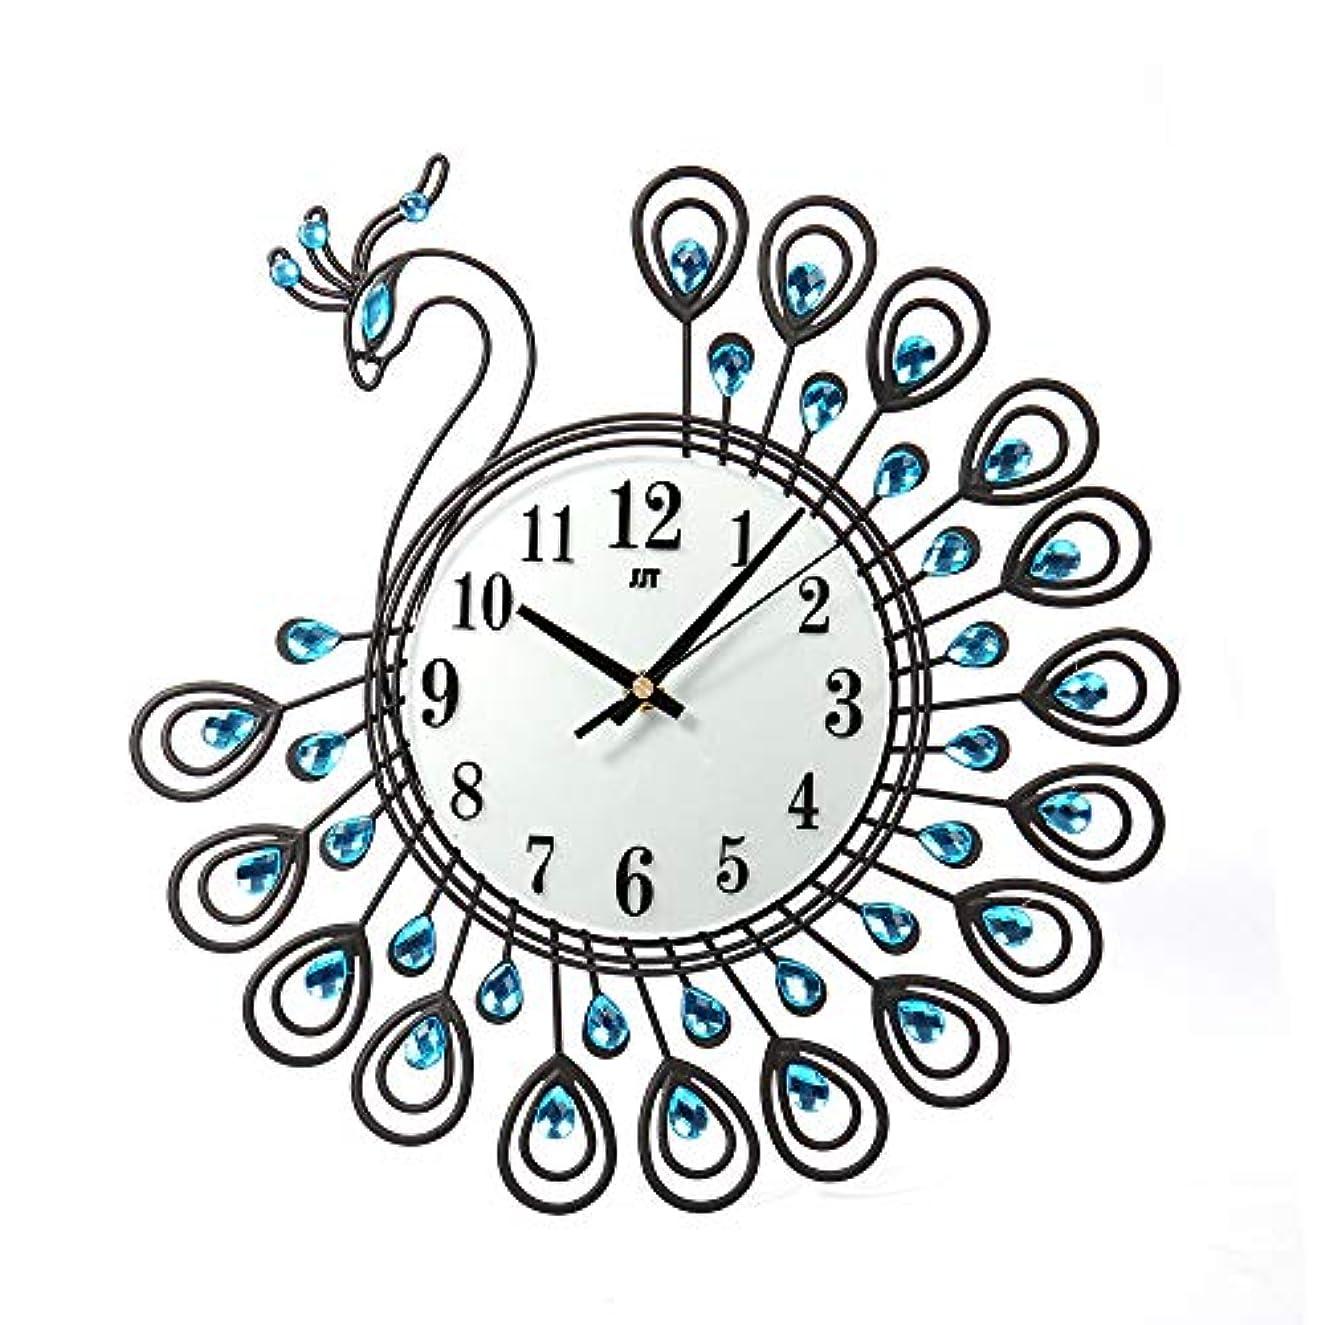 オーストラリア人面オールルームオフィスのための壁時計の金属のラインストーンの家の装飾の孔雀の時計 (ブラック)